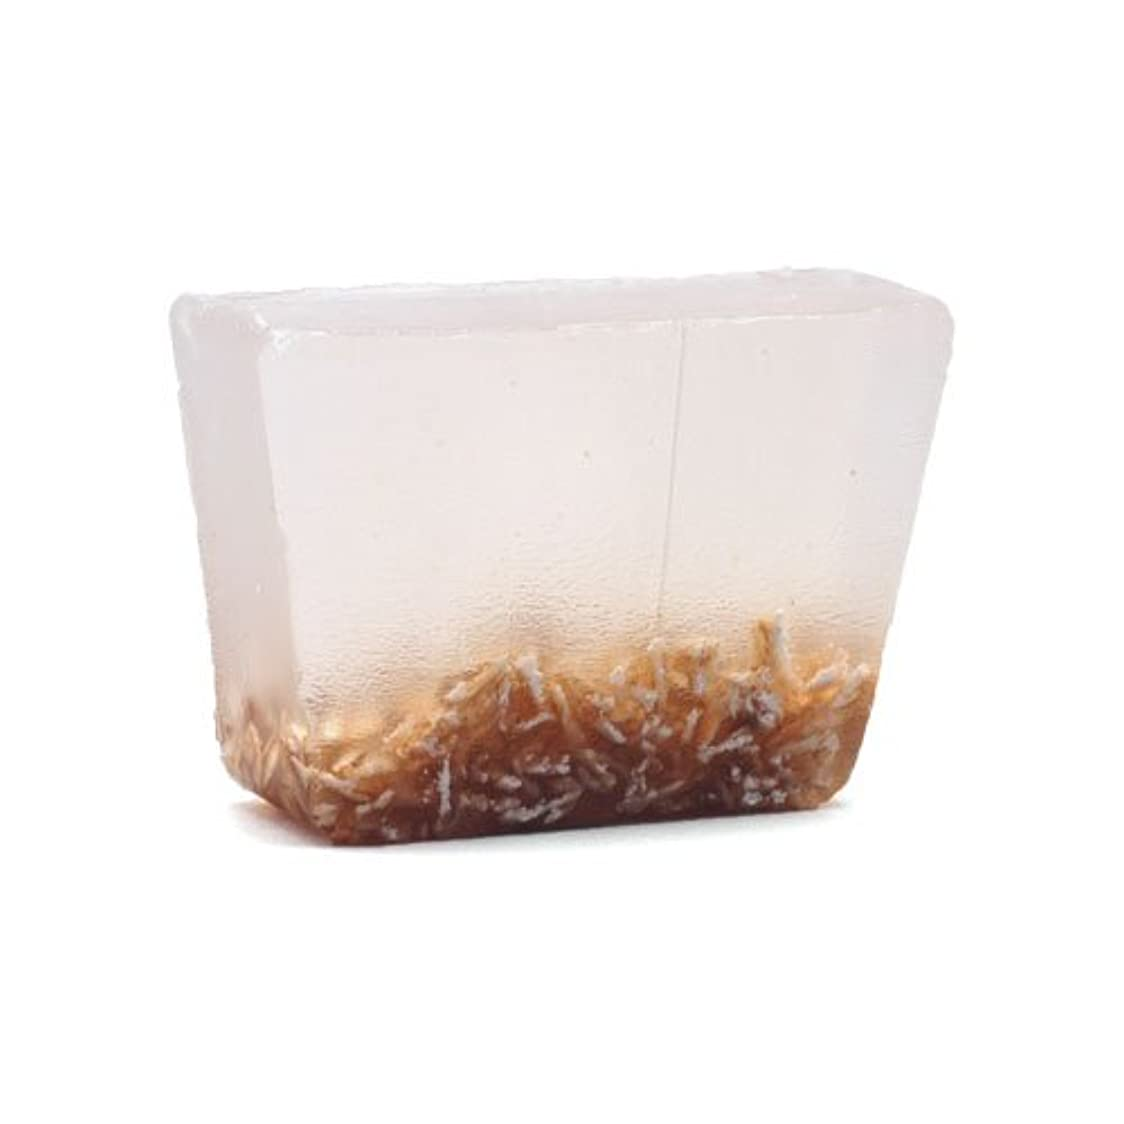 腐った成長するインターネットプライモールエレメンツ アロマティック ミニソープ ラベンダーオートミール 80g 植物性 ナチュラル 石鹸 無添加